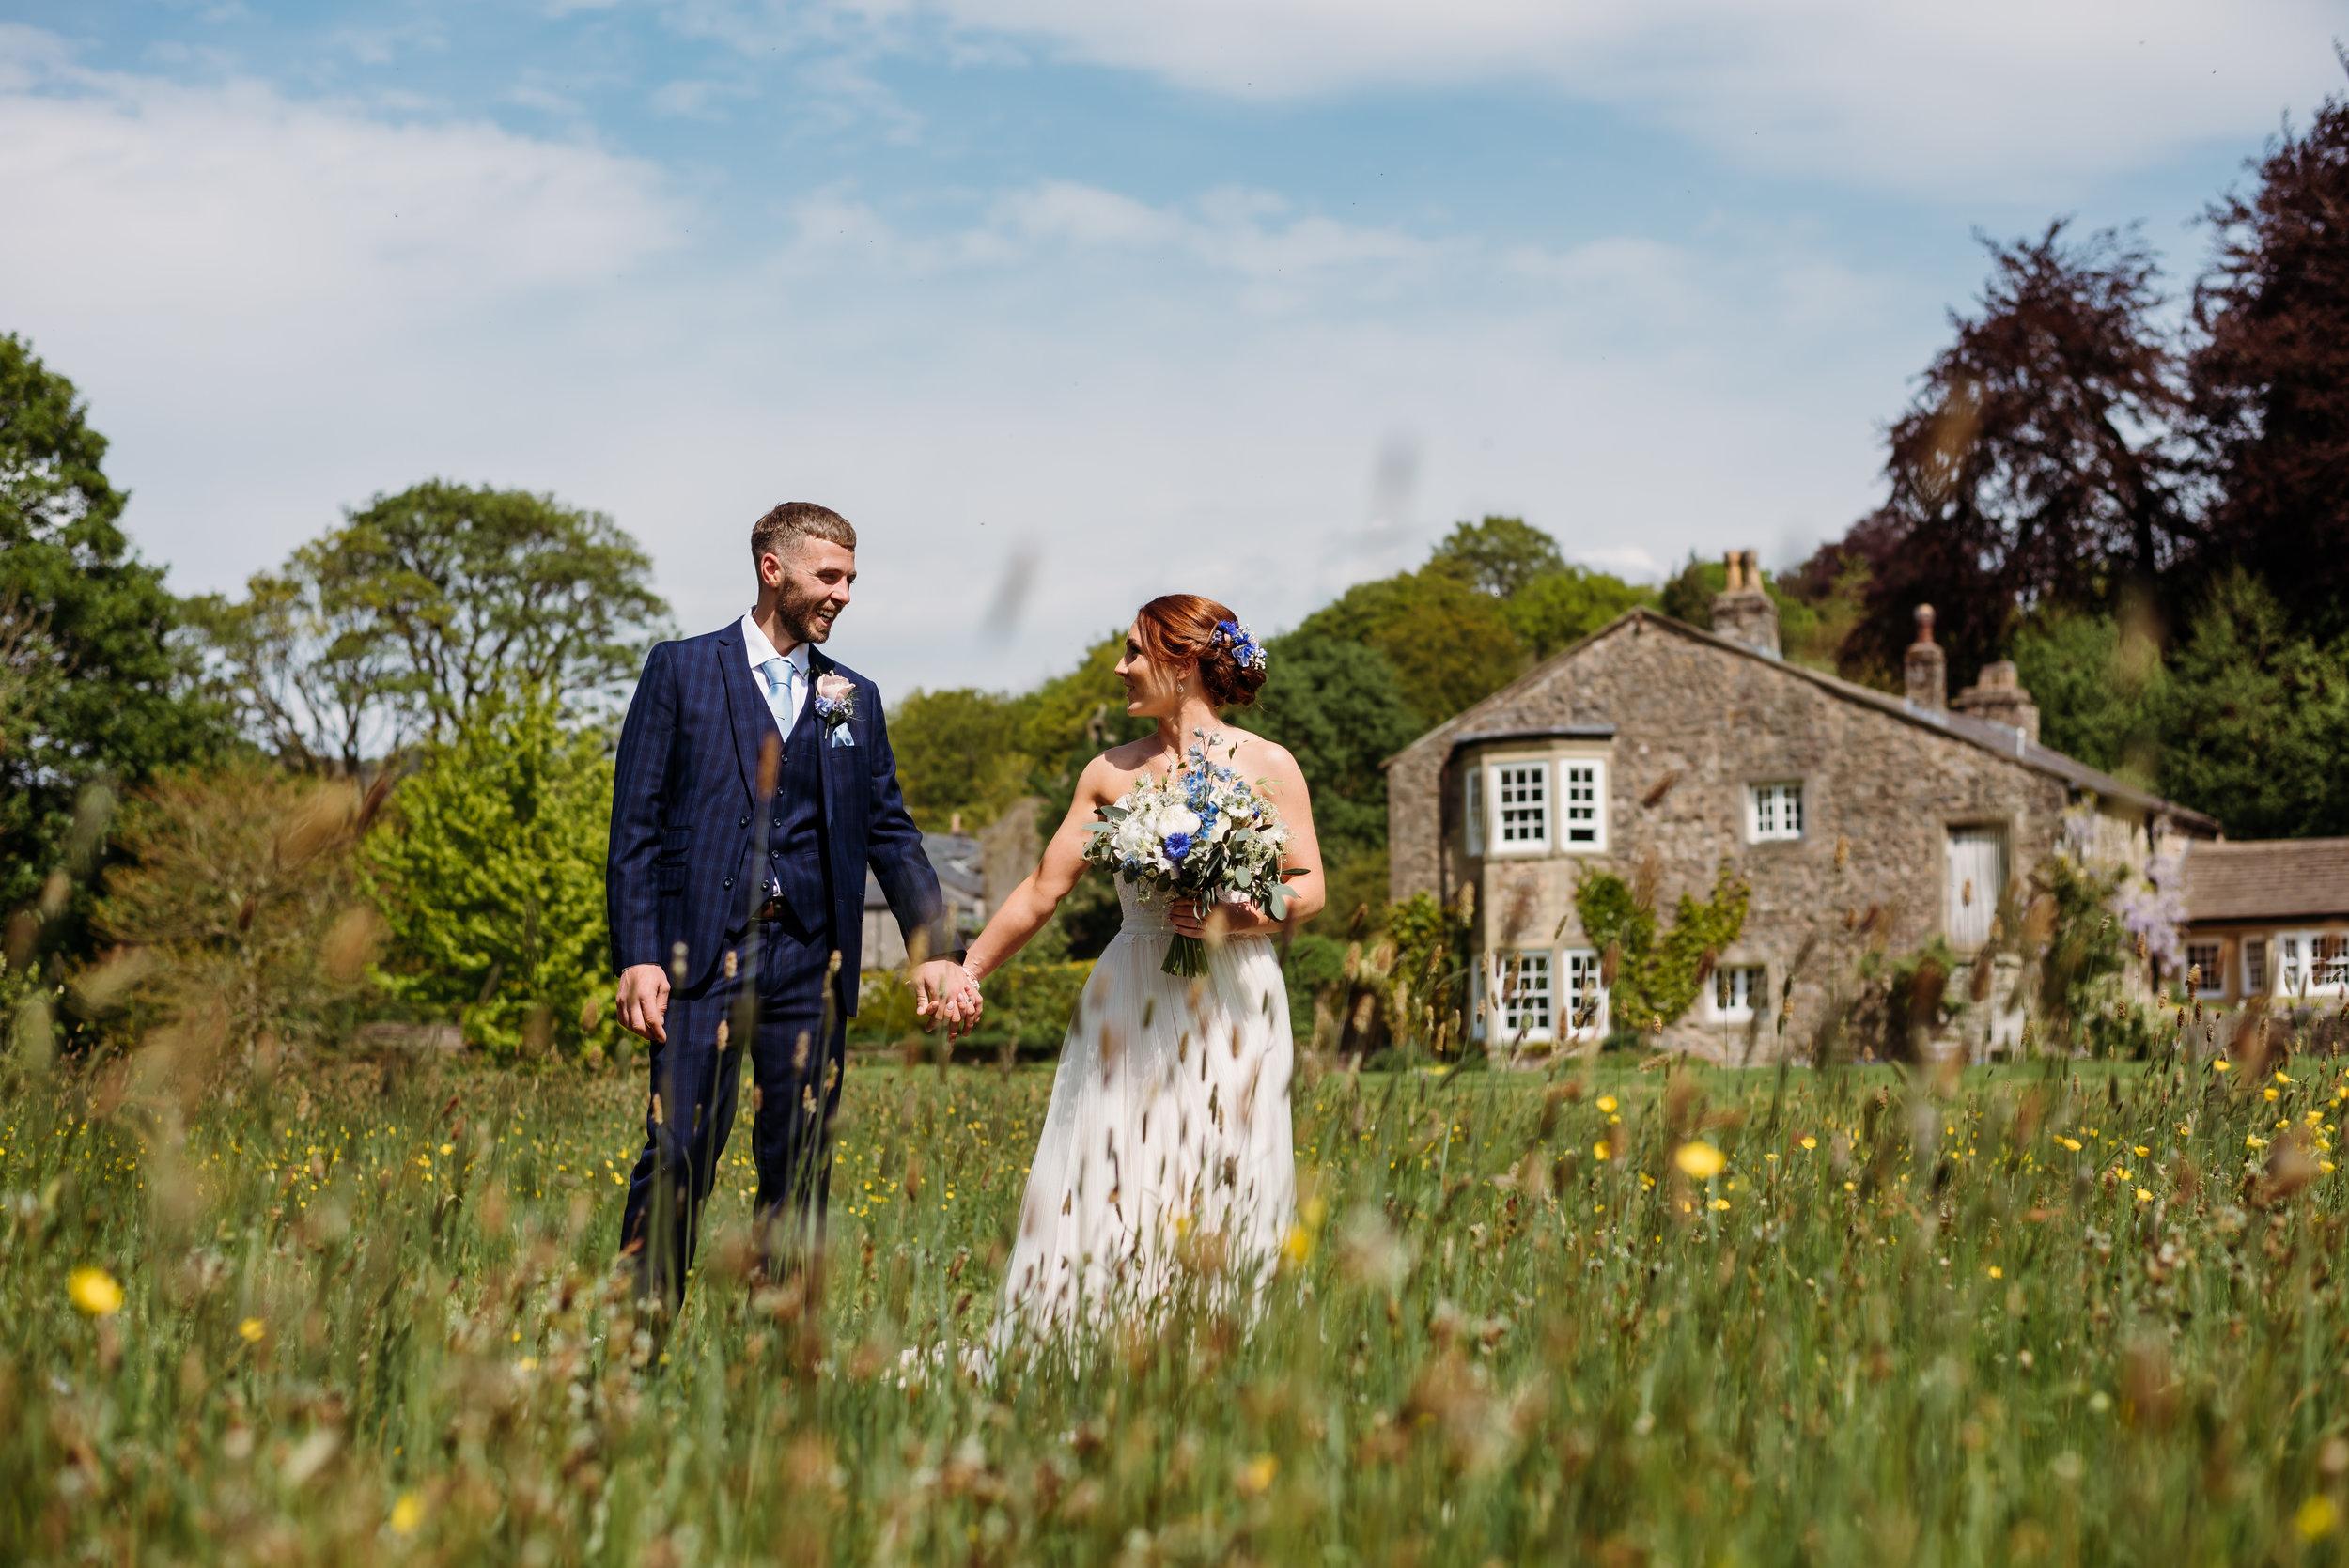 Meadow field wedding portrait